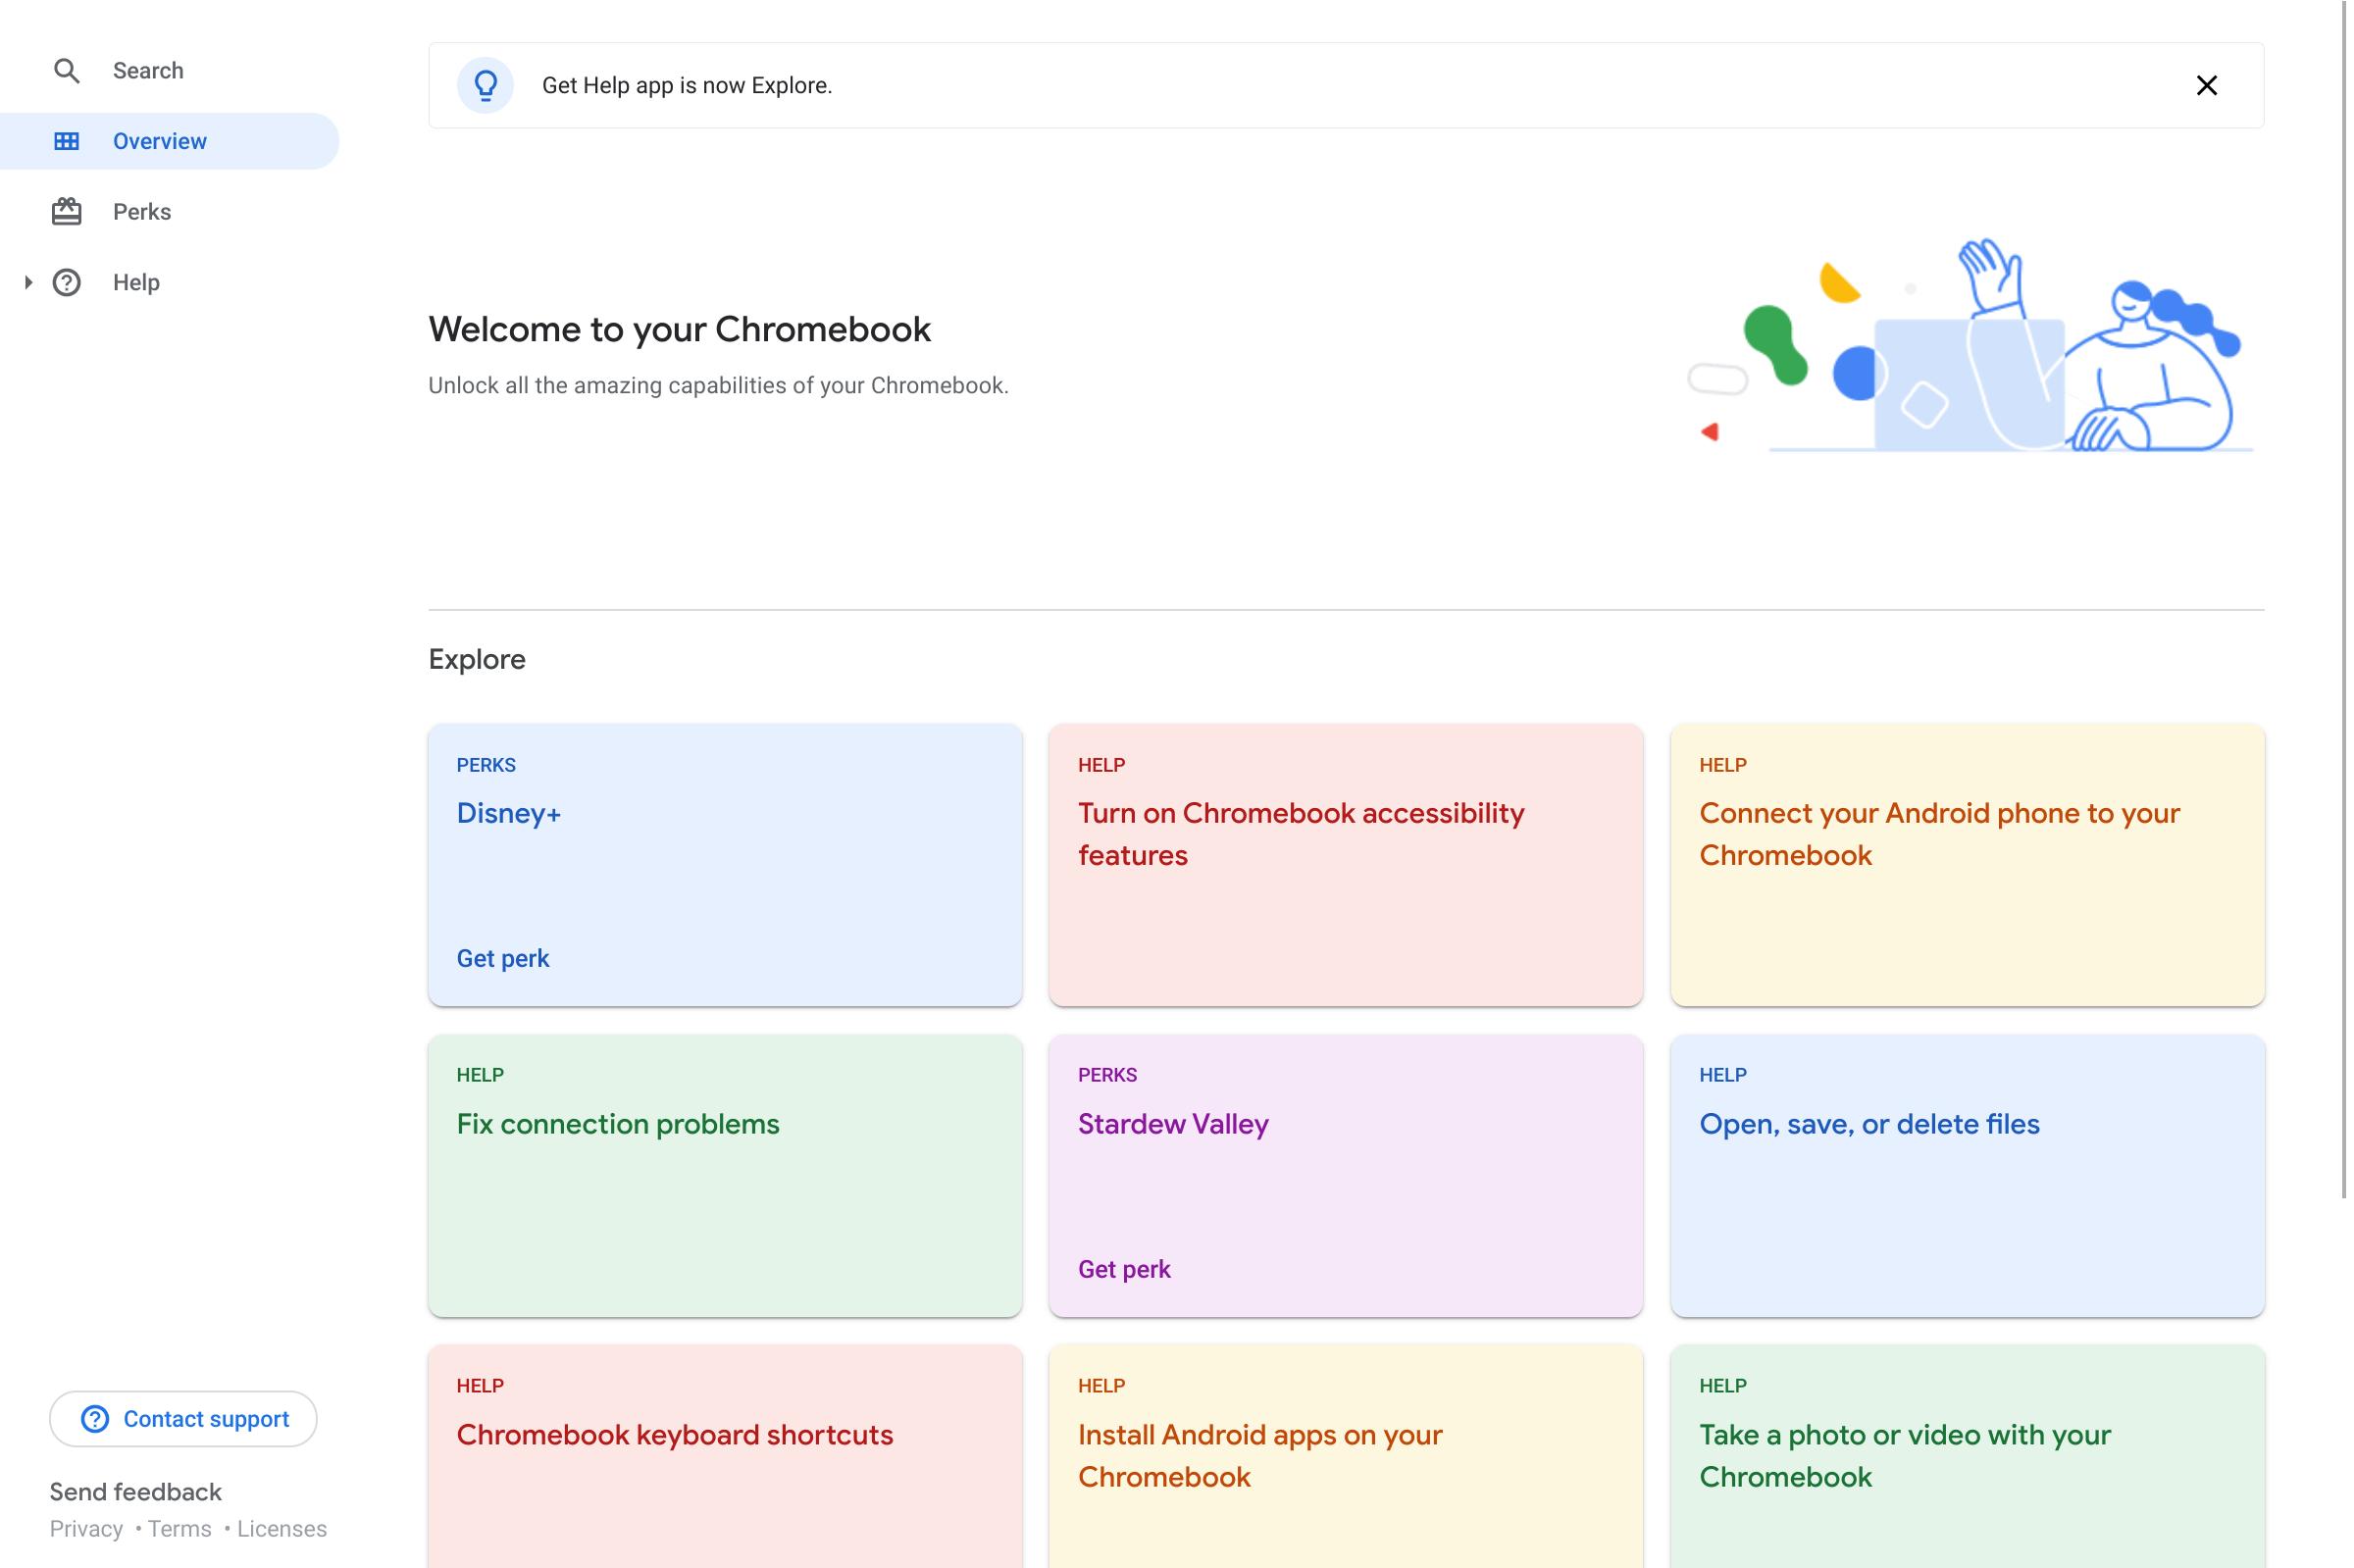 Chrome OS 84 bắt đầu cho ra những tính năng mới, cải tiến hơn 3